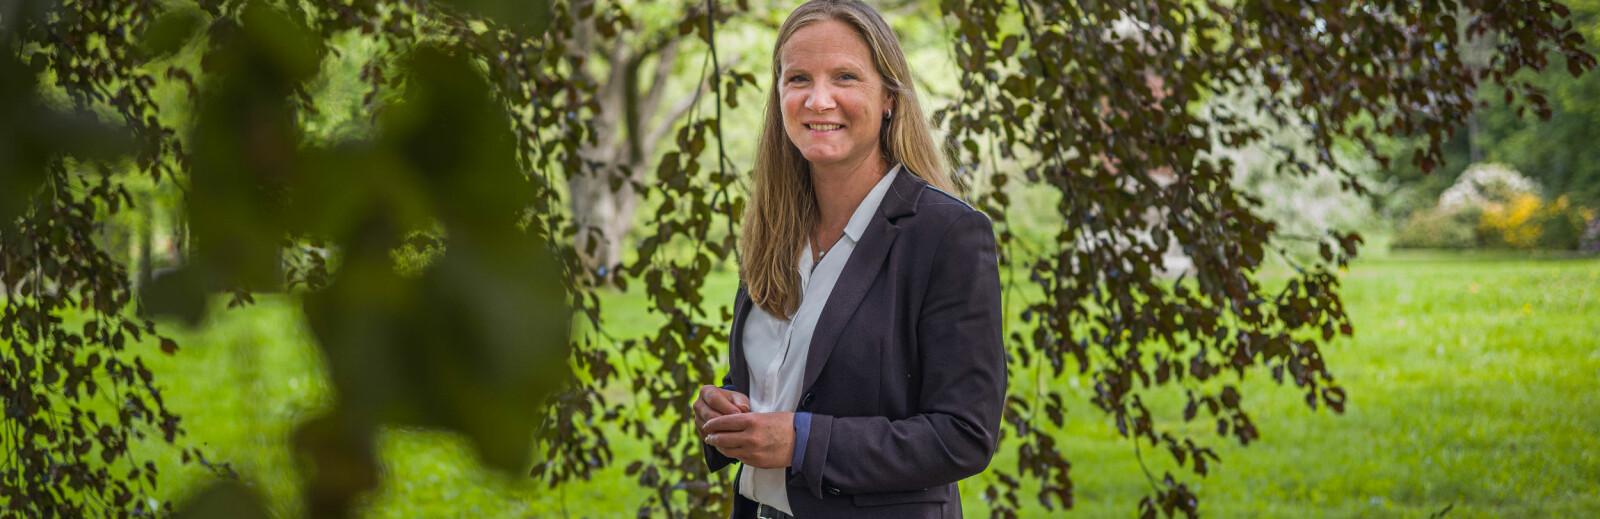 — Jeg tror og vi har kommet langt i å skape en stolthet for det å være en del av NMBU, sier Mari Sundli Tveit. Her står hun inne i et av de store trærne på campus Ås. Foto: Siri Øverland Eriksen